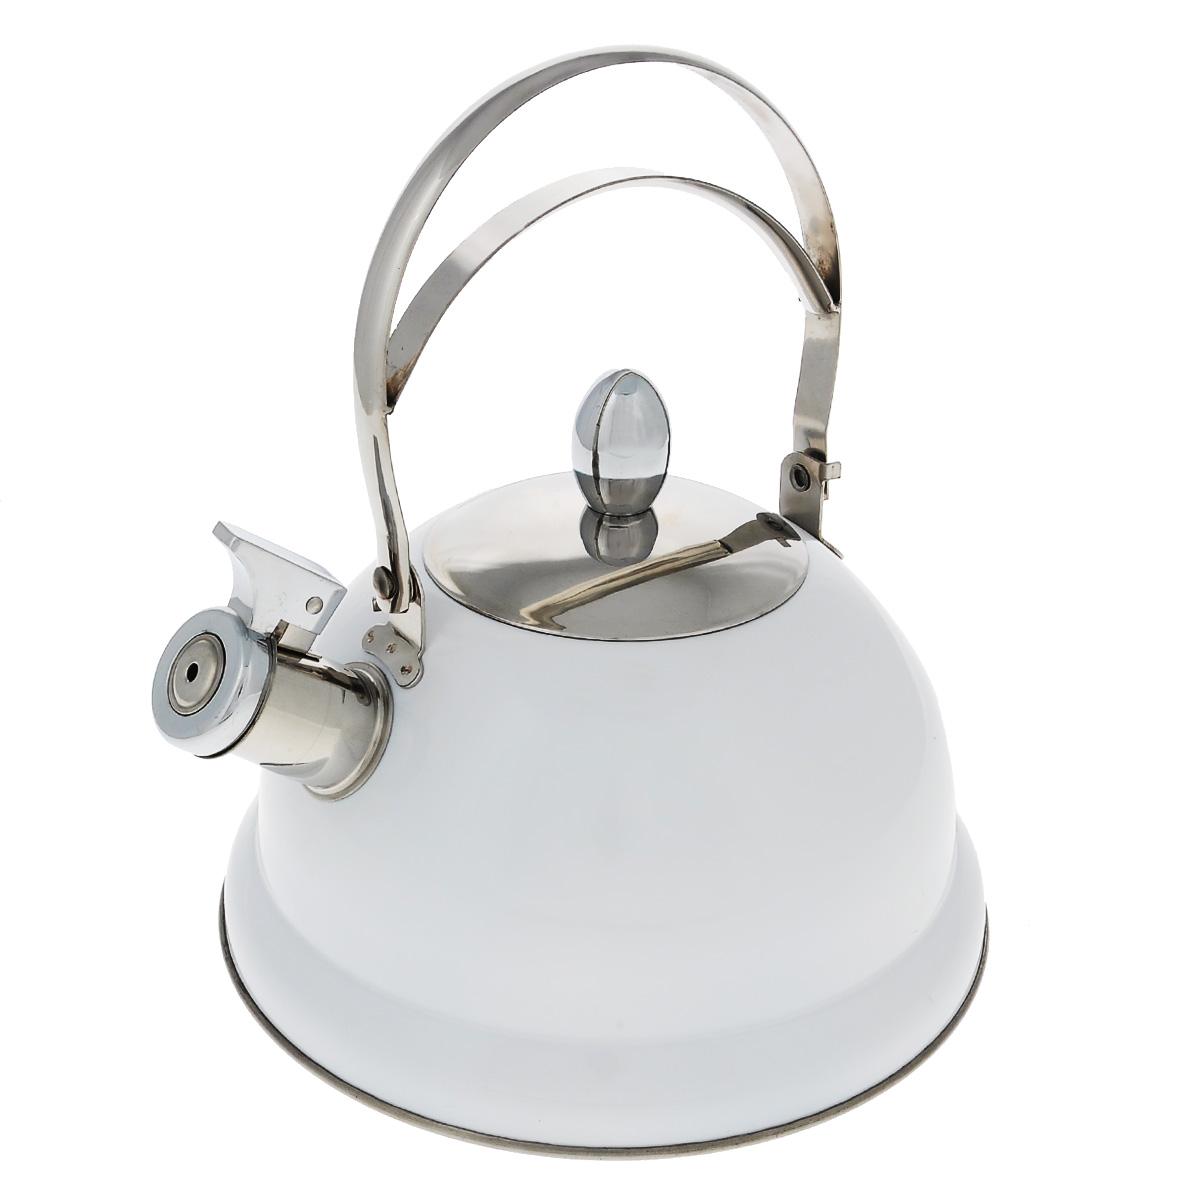 Чайник Bekker De Luxe, со свистком, цвет: белый, 2,6 л. BK-S40854 009312Чайник Bekker De Luxe изготовлен из высококачественной нержавеющей стали 18/10 с цветным эмалевым покрытием. Капсулированное дно распределяет тепло по всей поверхности, что позволяет чайнику быстро закипать. Ручка подвижная. Носик оснащен откидным свистком, который подскажет, когда вода закипела. Свисток открывается и закрывается с помощью специального рычага. Подходит для всех типов плит, включая индукционные. Можно мыть в посудомоечной машине.Диаметр (по верхнему краю): 10 см. Диаметр основания: 22 см. Высота чайника (без учета ручки): 13 см.